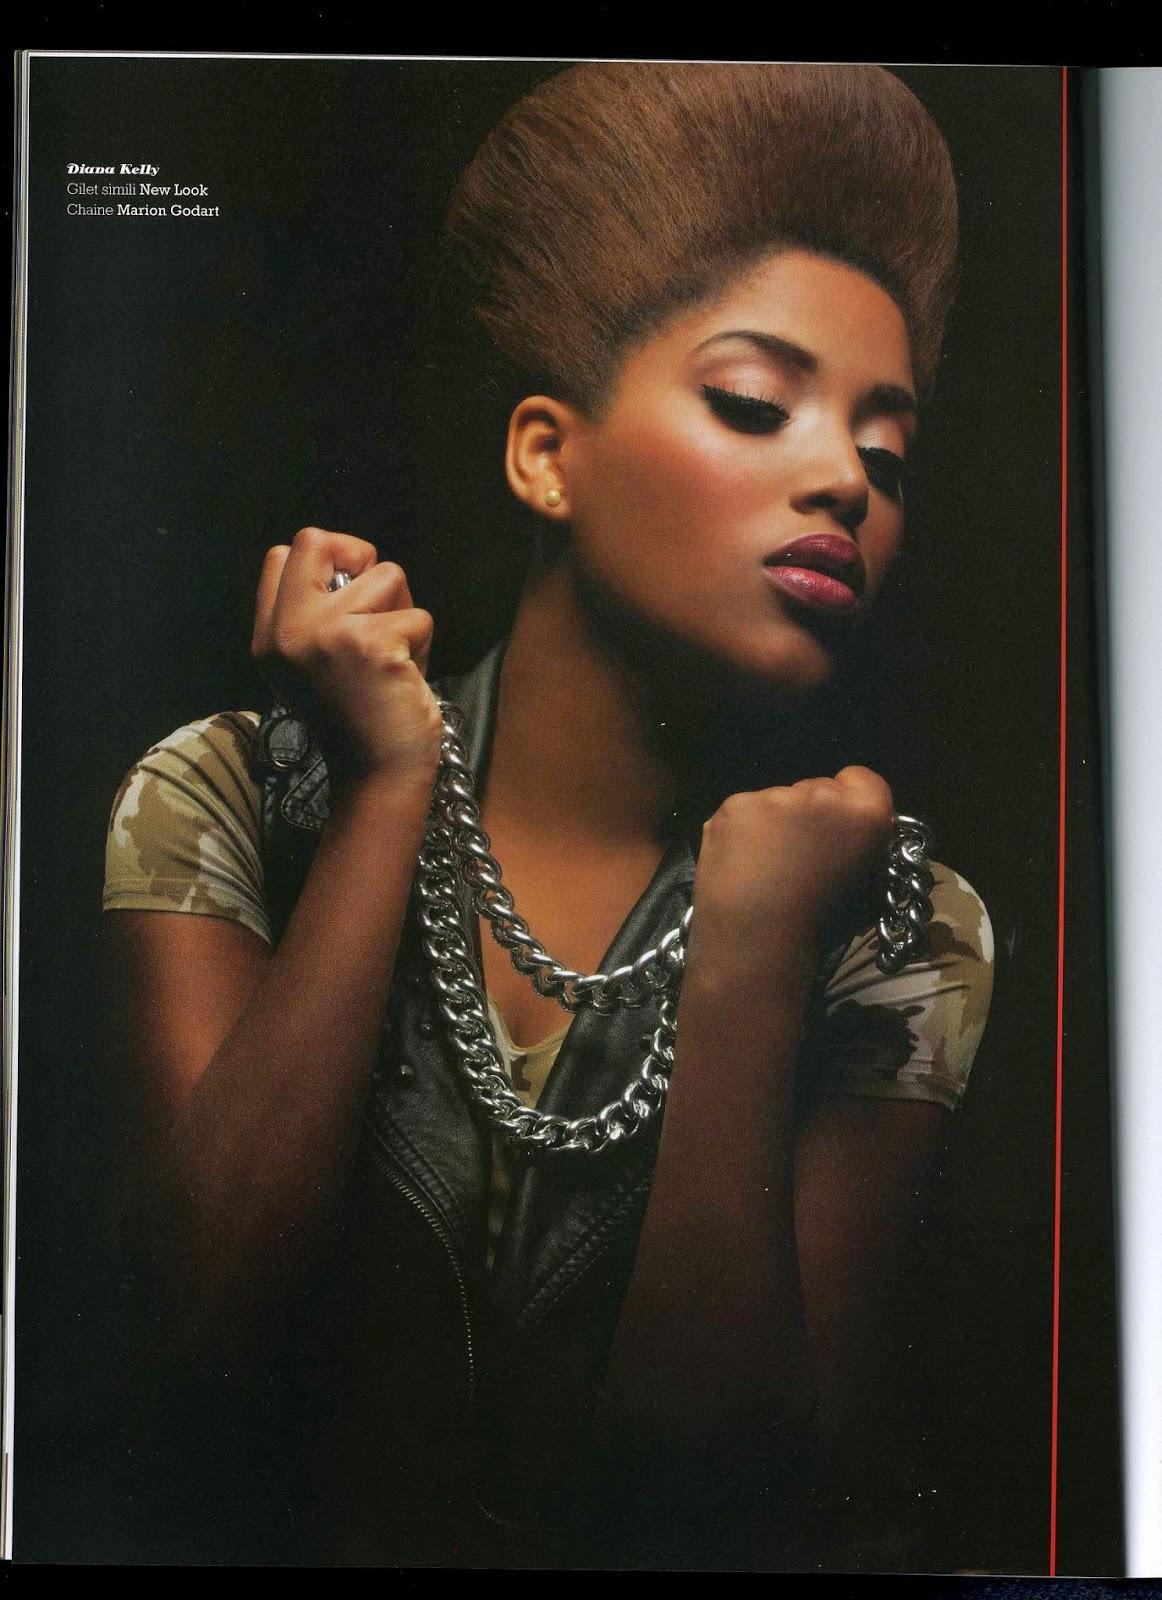 Salon de coiffure afro antillais - Meilleur salon de coiffure afro paris ...